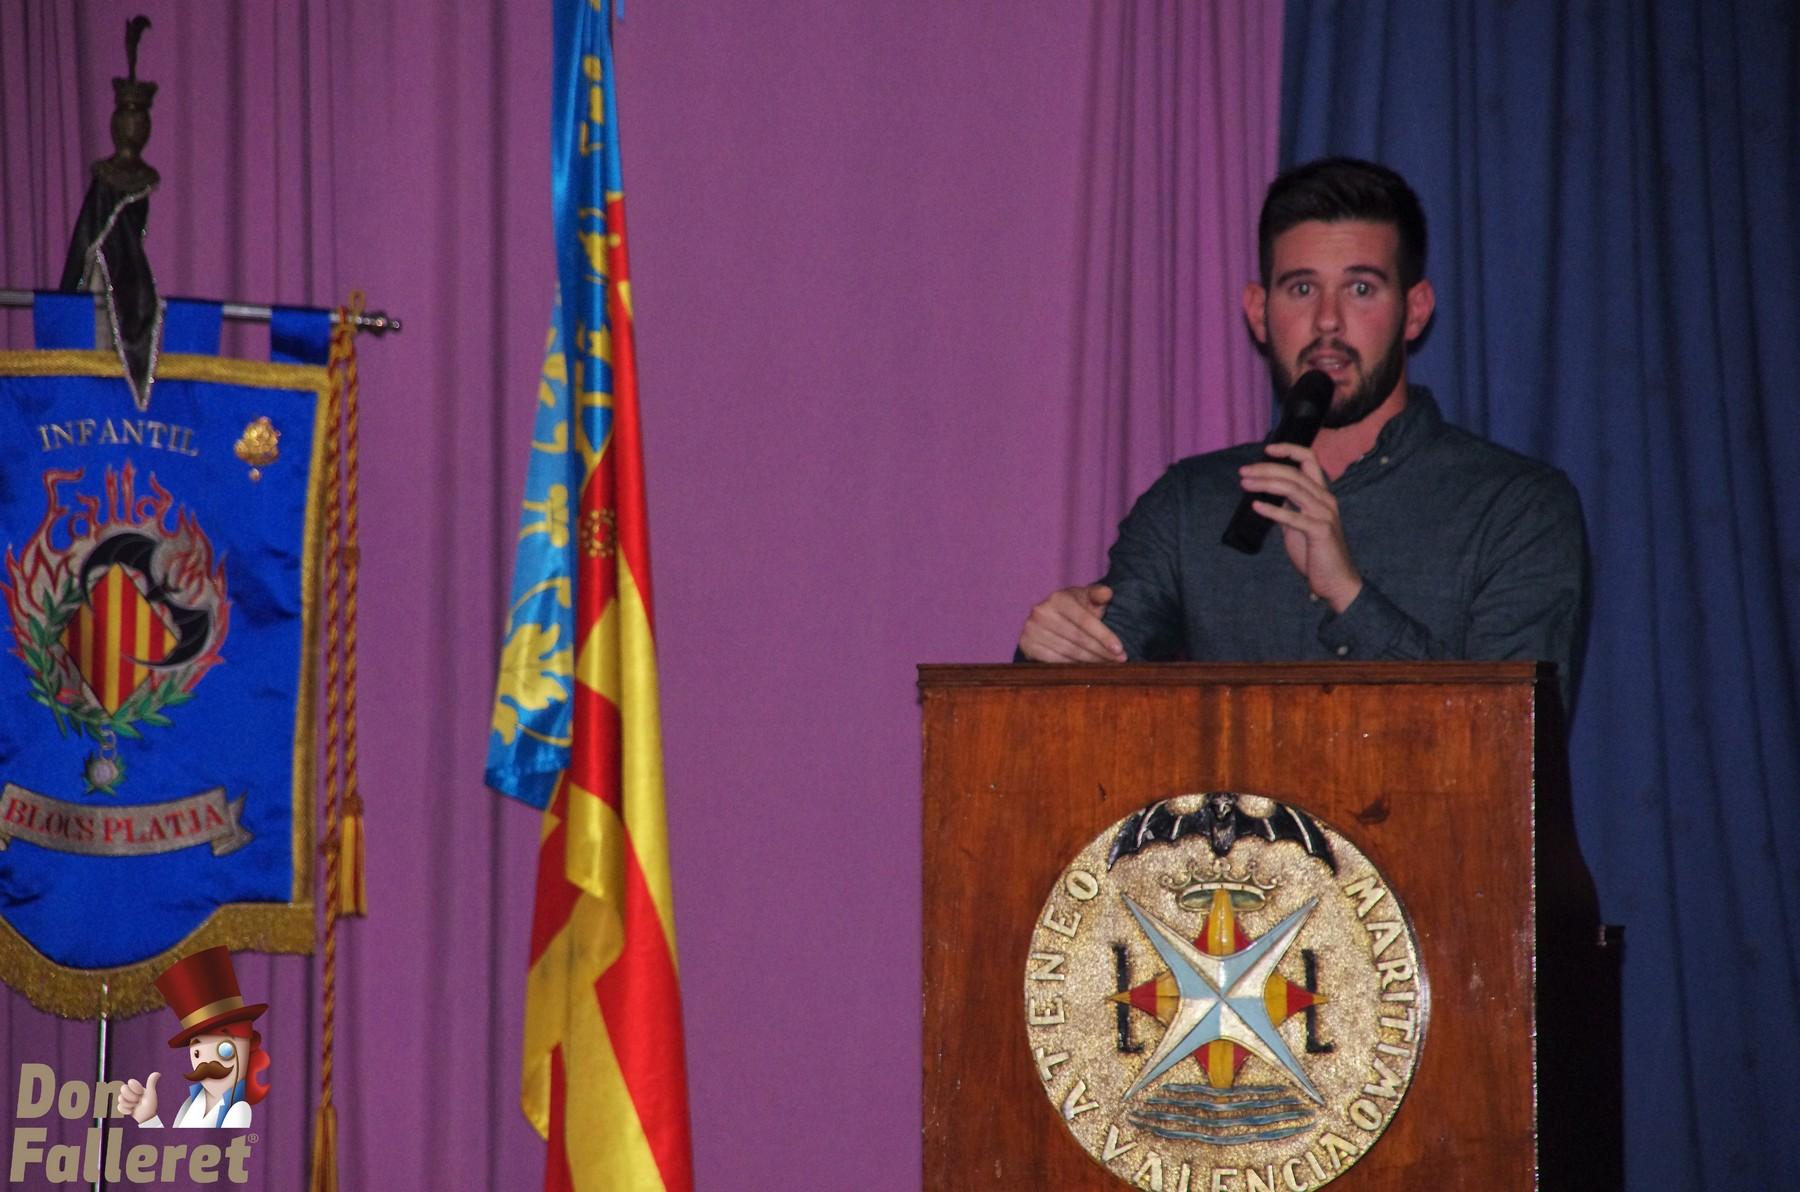 Sergio Espallargas, presidente de la comisión fallera cierra el acto / Don Falleret